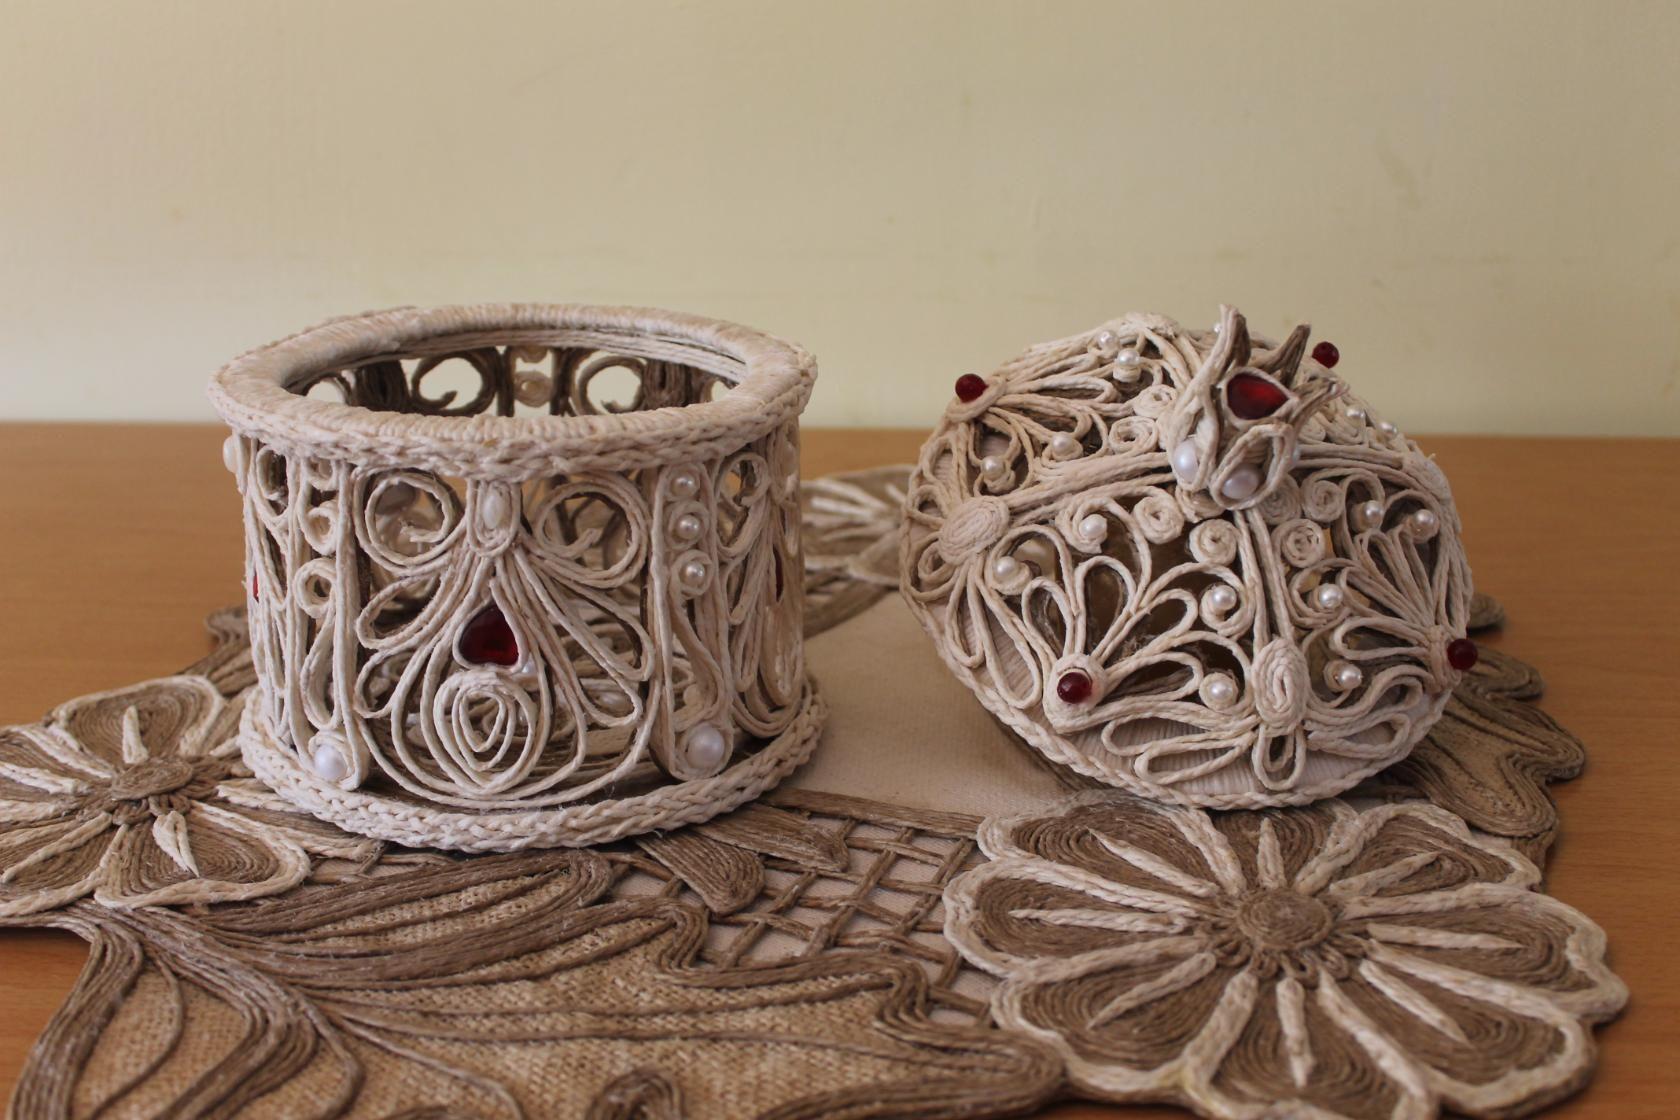 Поделки из веревки - 115 фото интересных поделок и их оформление при помощи веревки